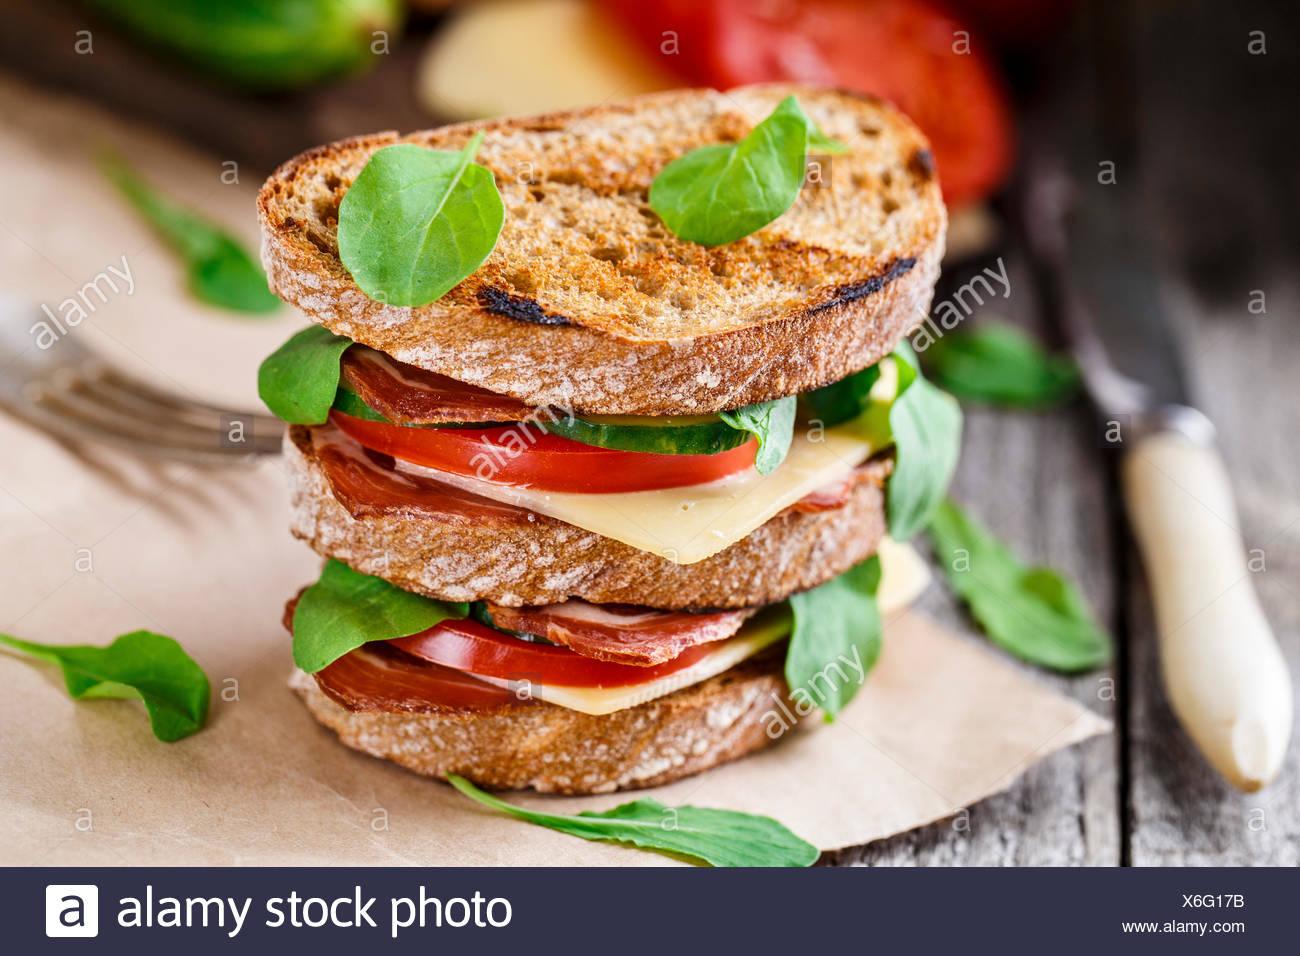 Gran sandwich con jamón, queso y verduras Imagen De Stock